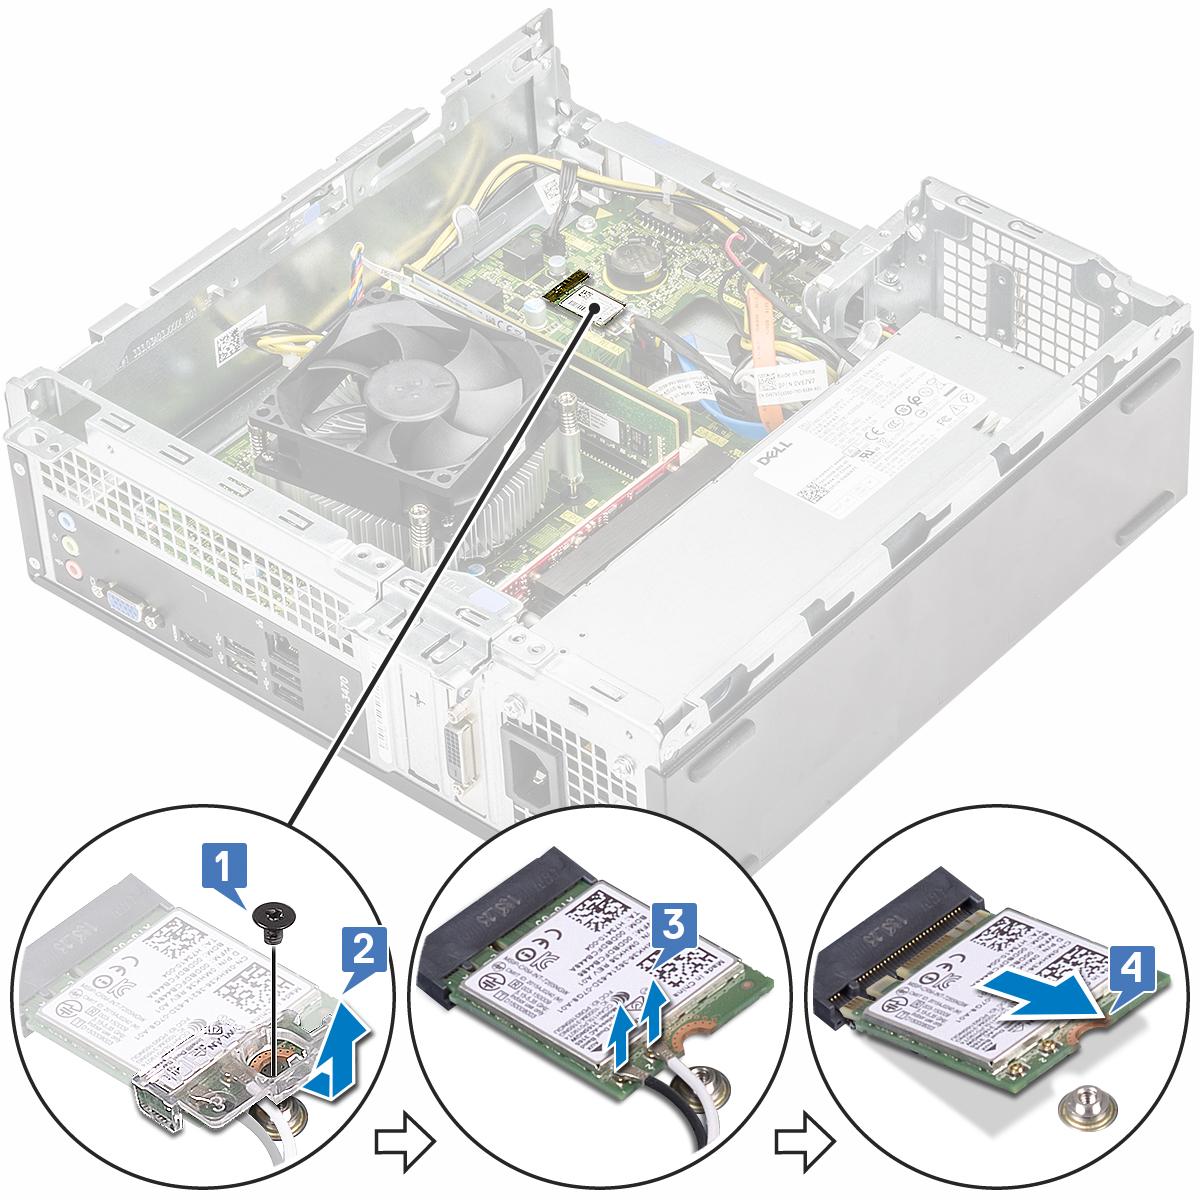 Slika prikazuje kako da uklonite WLAN karticu iz računala.